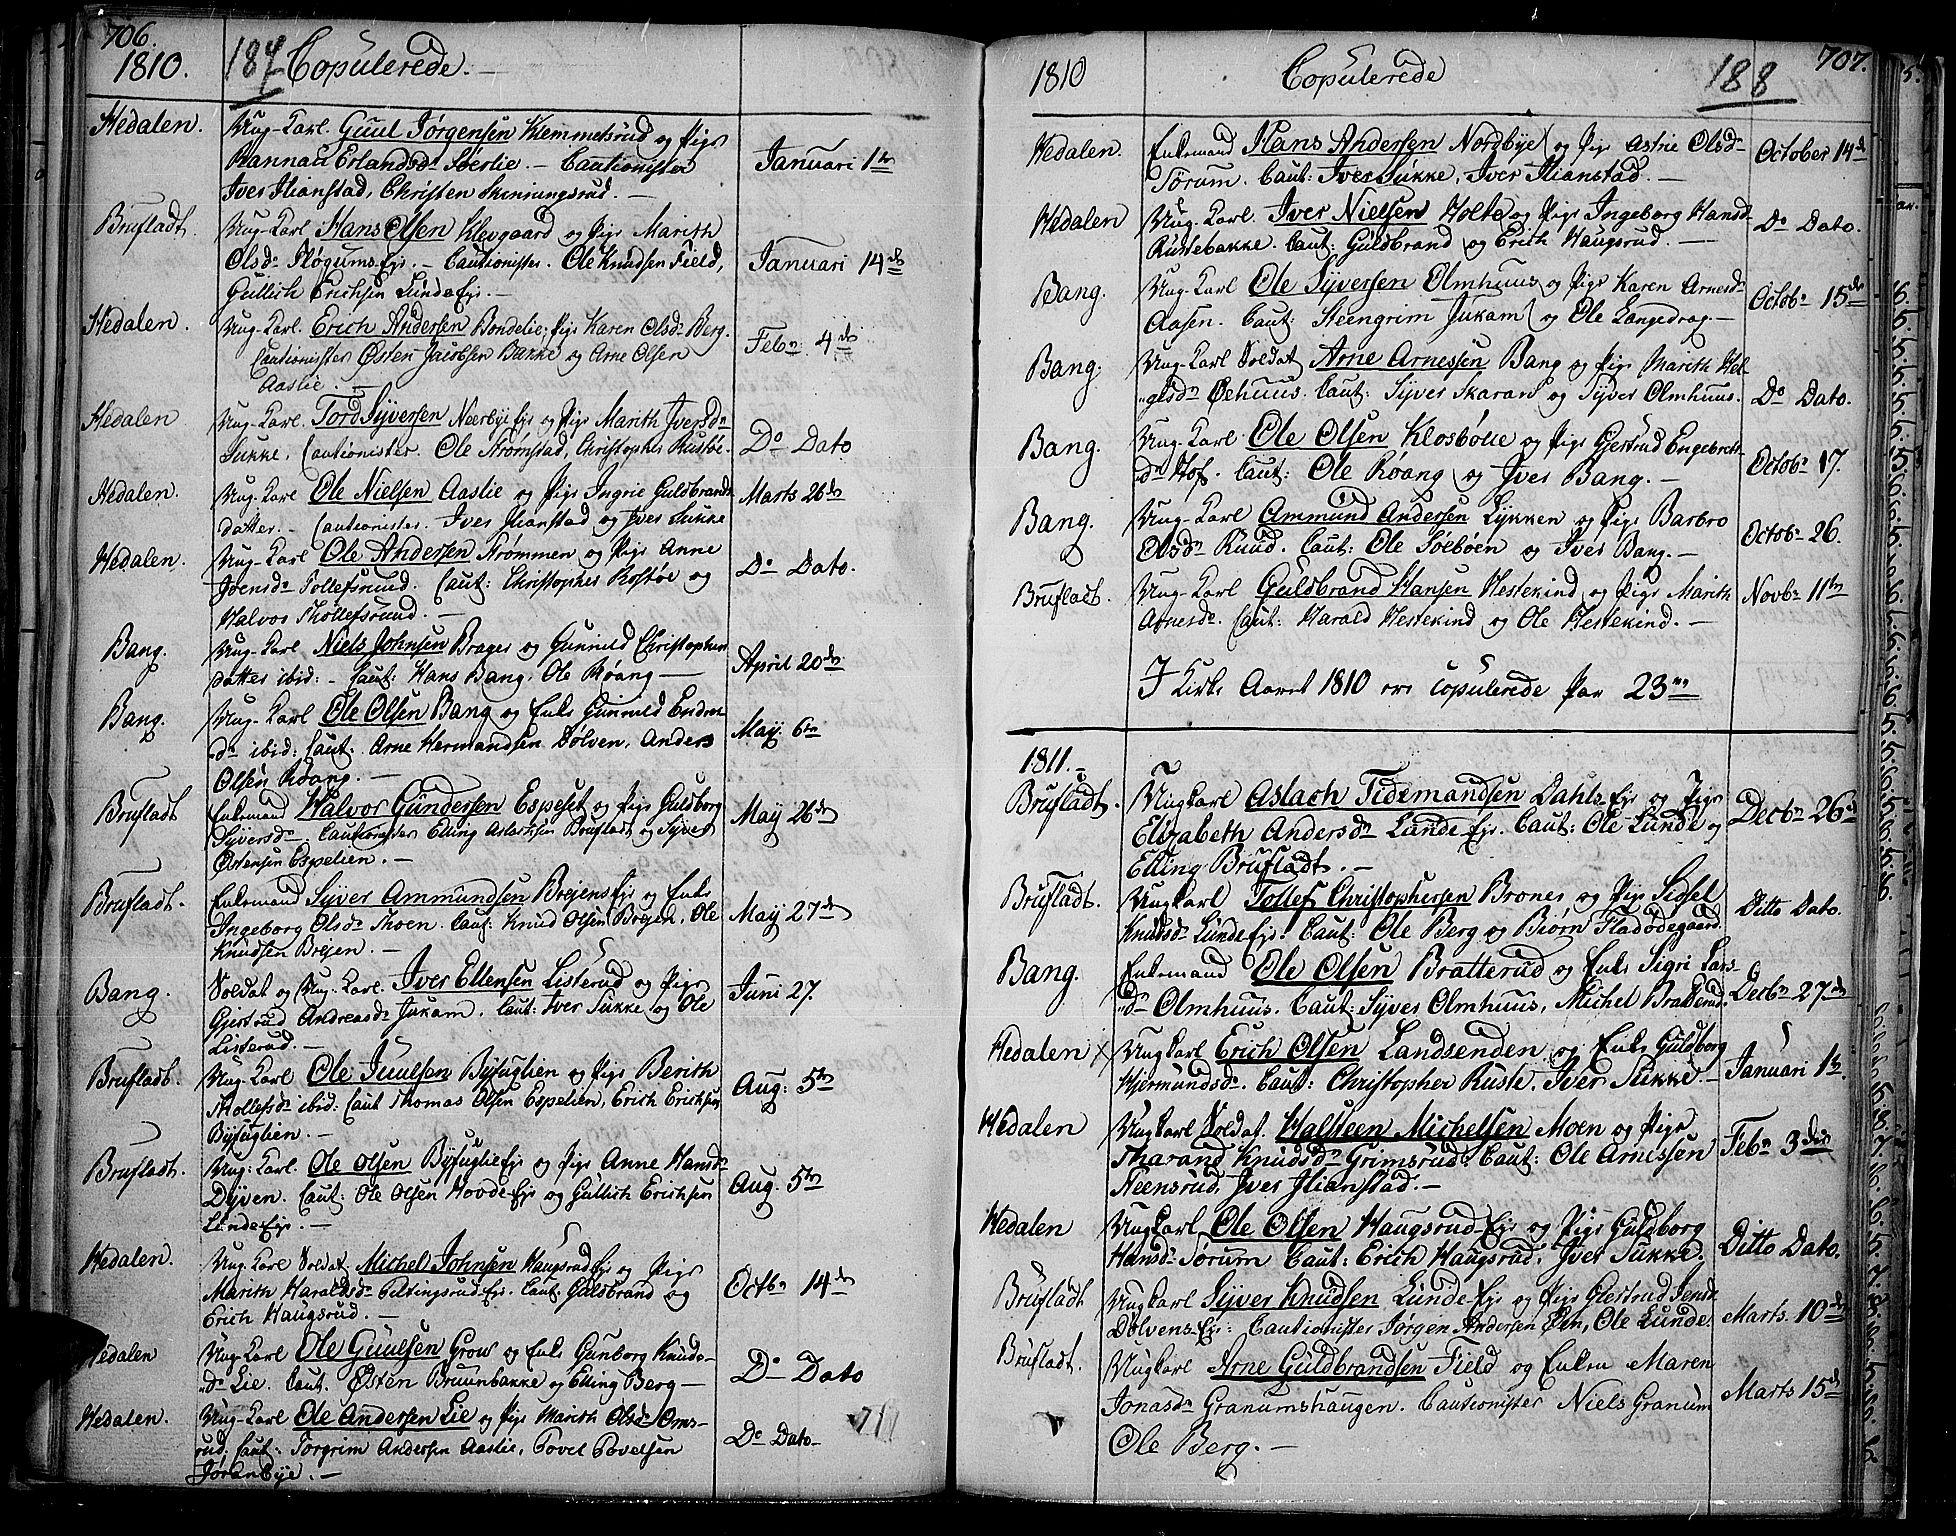 SAH, Sør-Aurdal prestekontor, Ministerialbok nr. 1, 1807-1815, s. 187-188